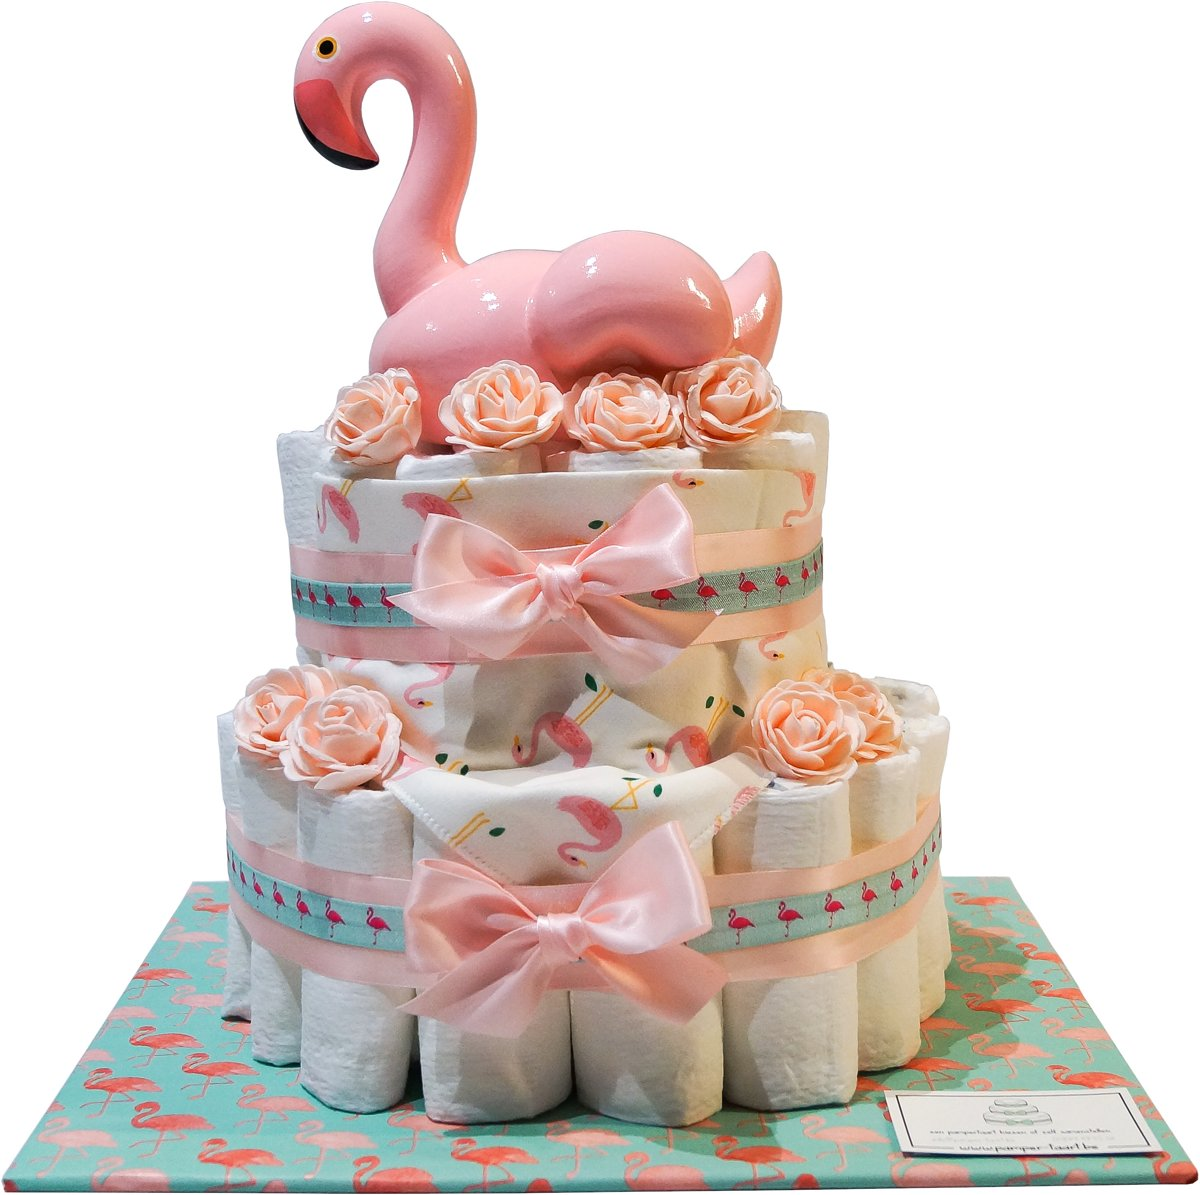 Luiertaart - Pampertaart Meisje Flamingo - 47 Pampers - Roze